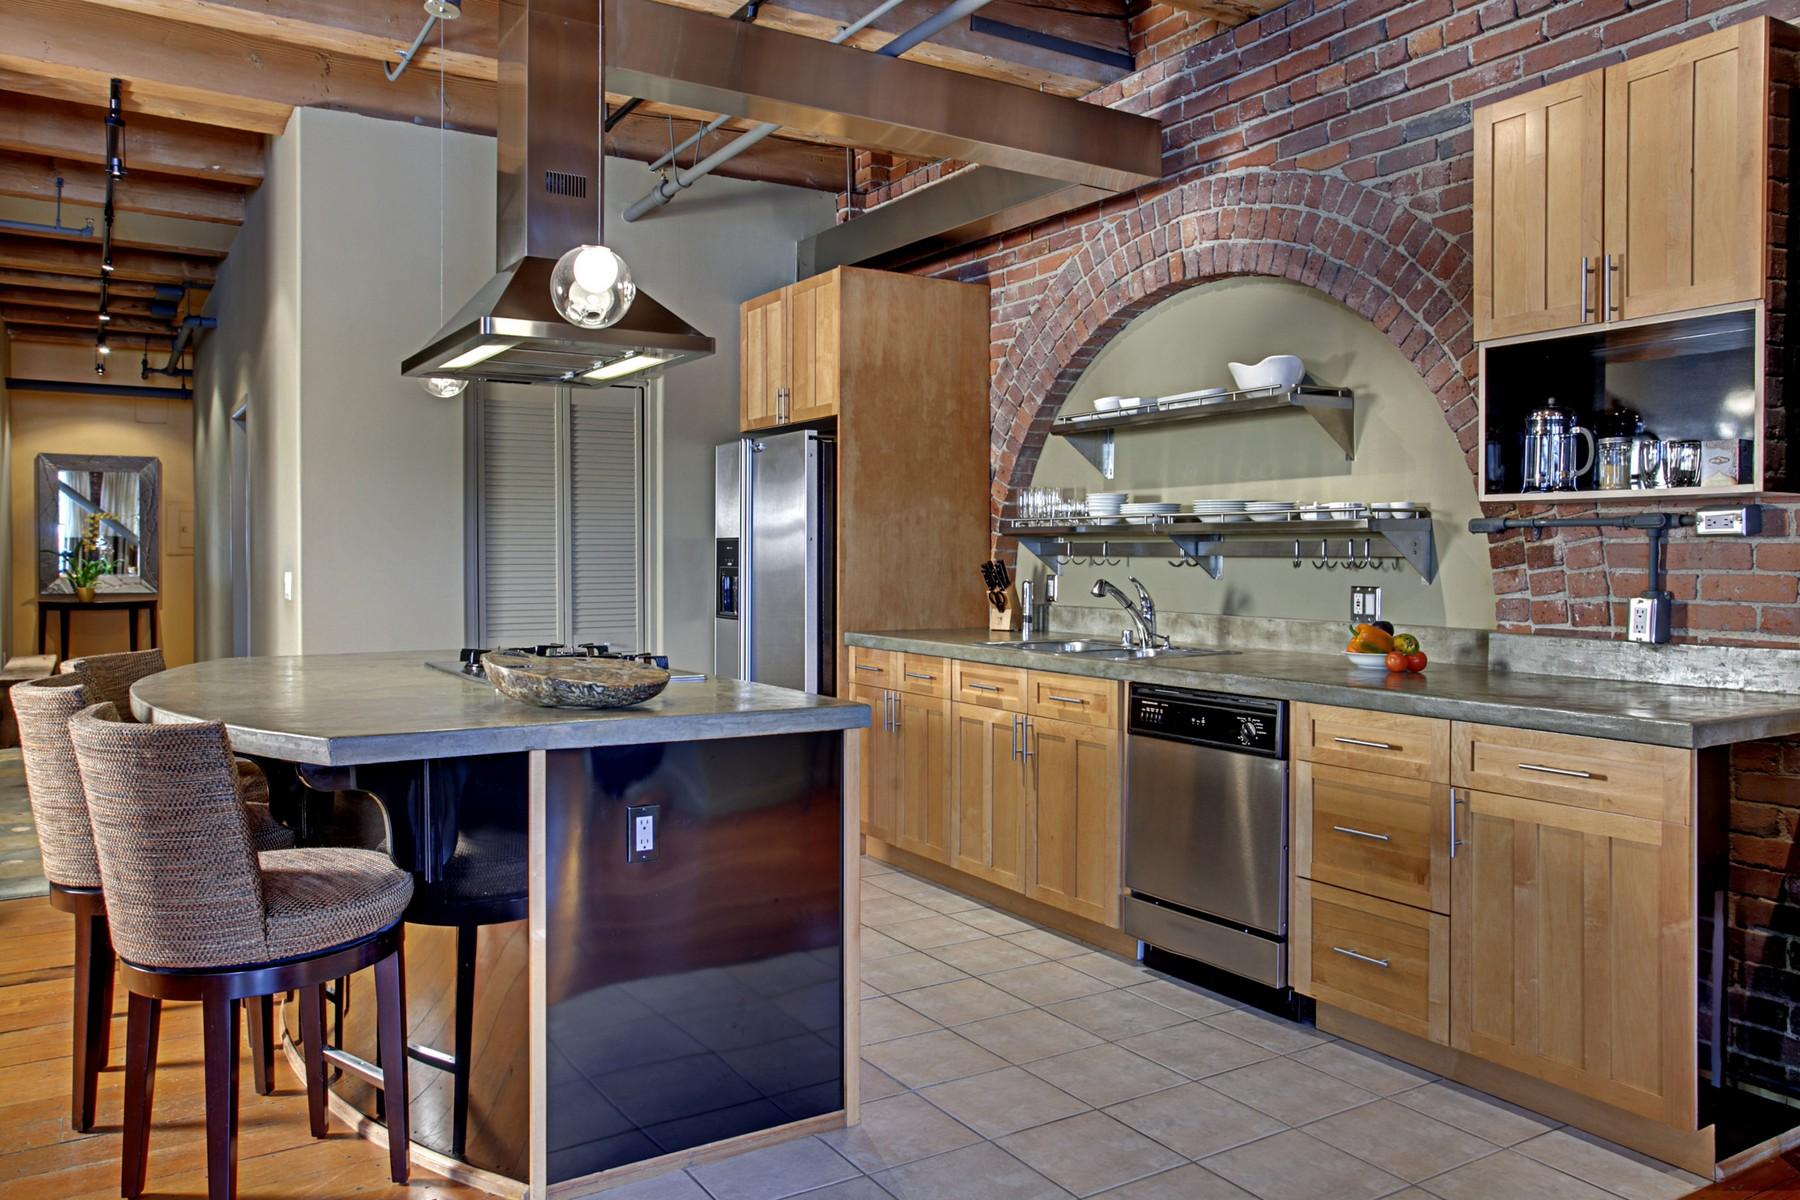 10 Kitchen02.jpg